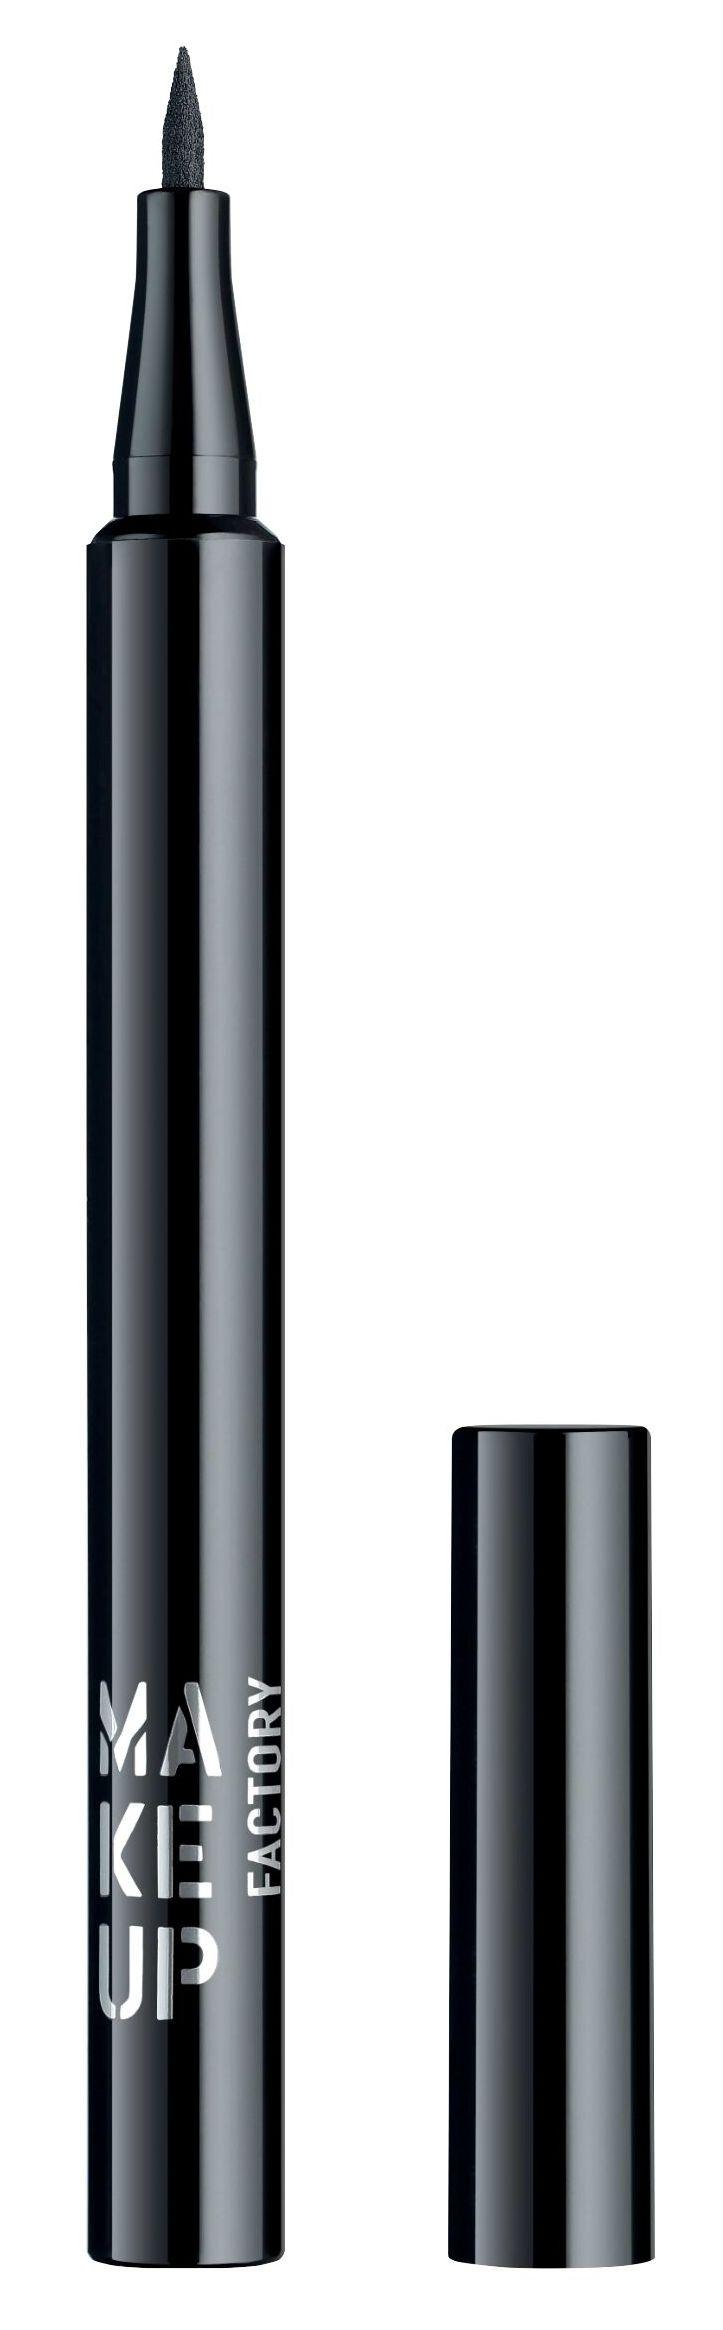 Купить MAKE UP FACTORY Подводка жидкая для глаз, 01 черный / Full Control Liquid Liner 1 мл